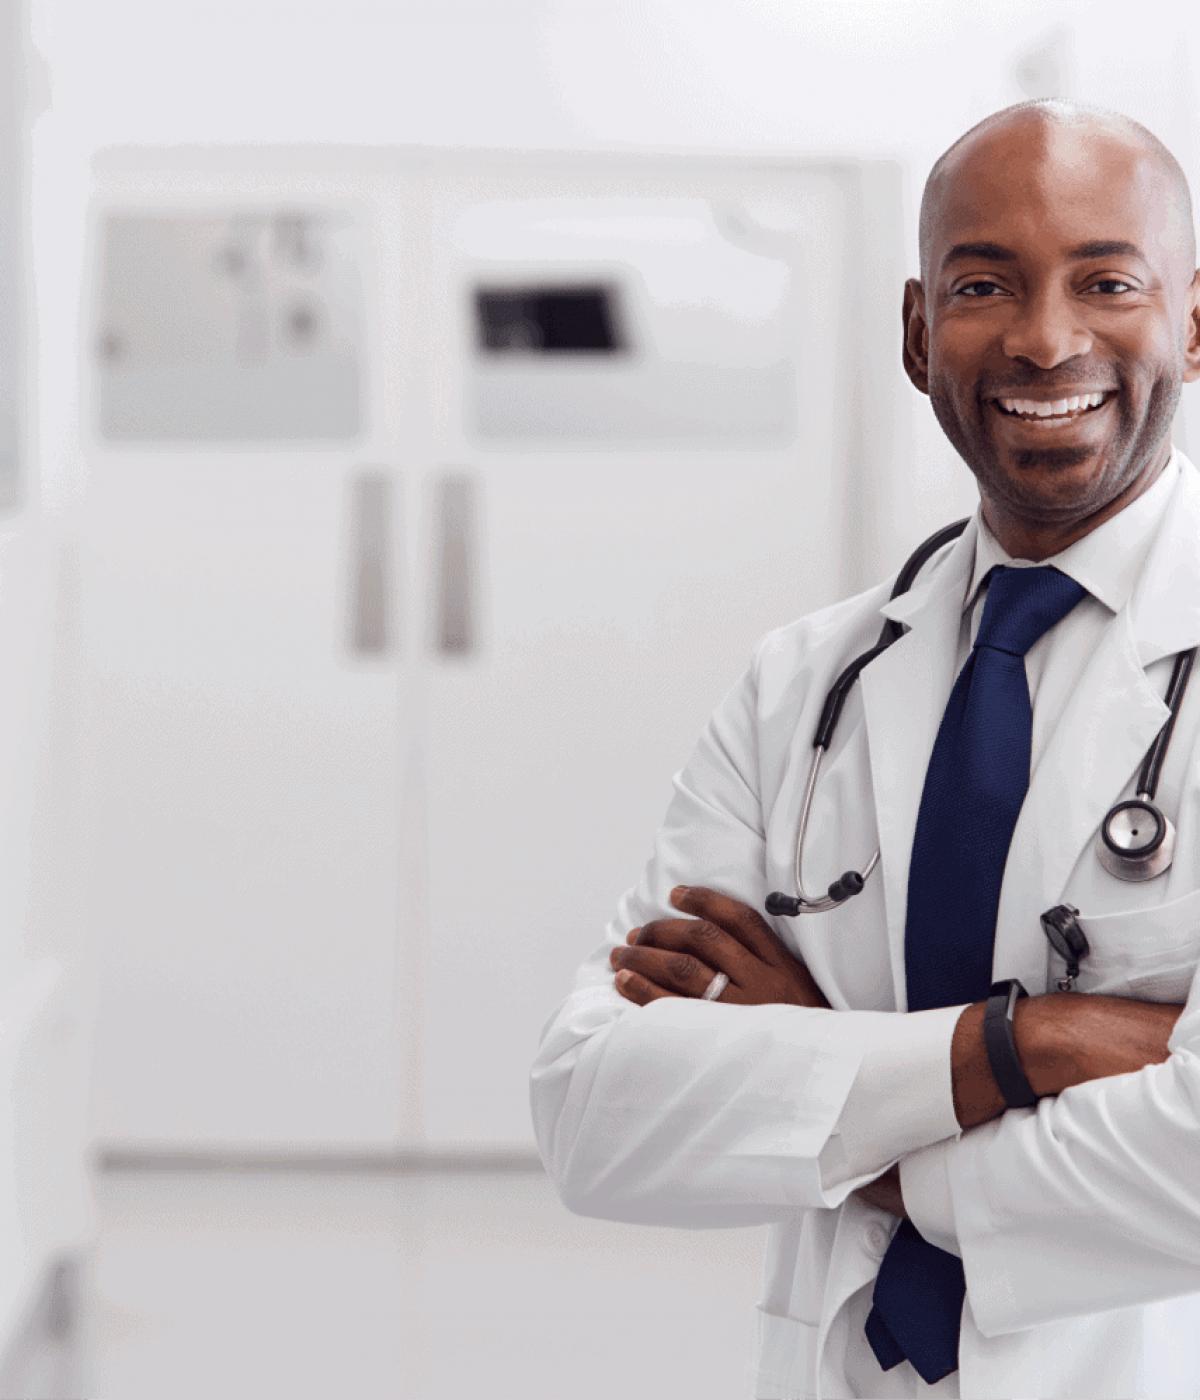 Dentalvibe pain-free dental injections